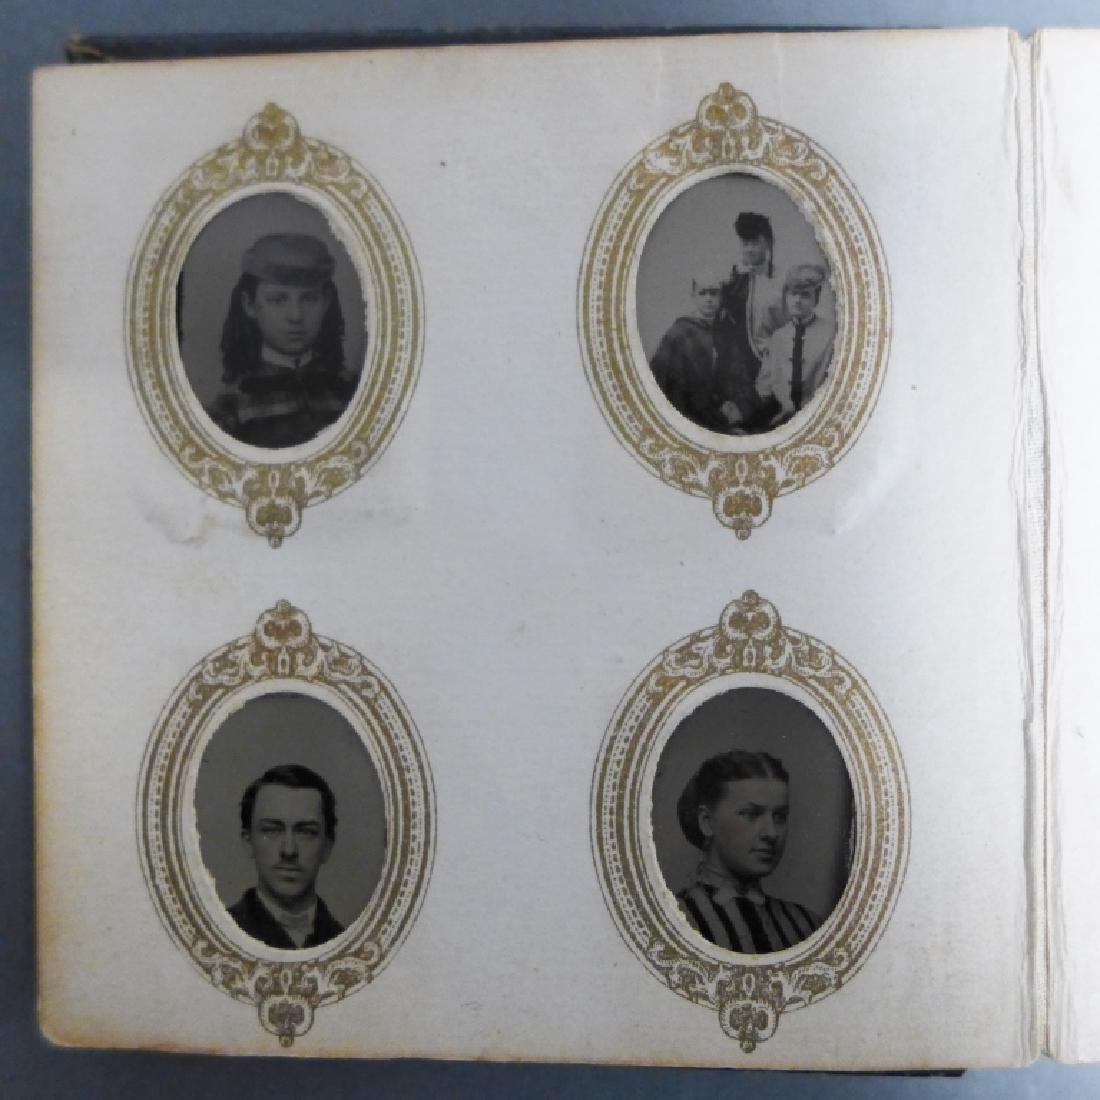 Antique Miniature Tintype Portrait Photo Album - 4